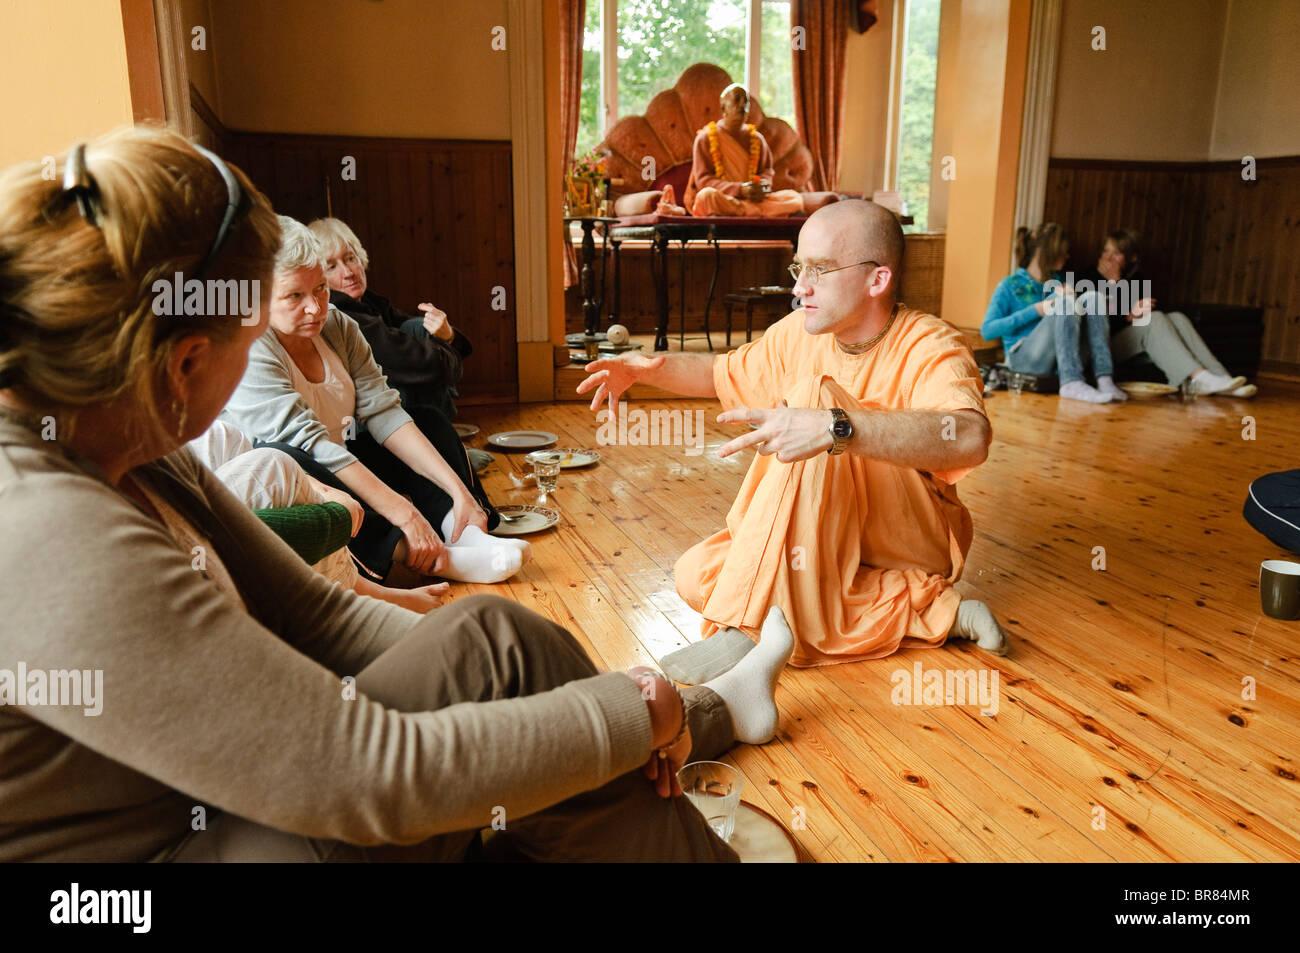 Dévot Hare Krishna portant robe safran explique sa religion à ses invités dans une salle du temple Hare Krishna Banque D'Images